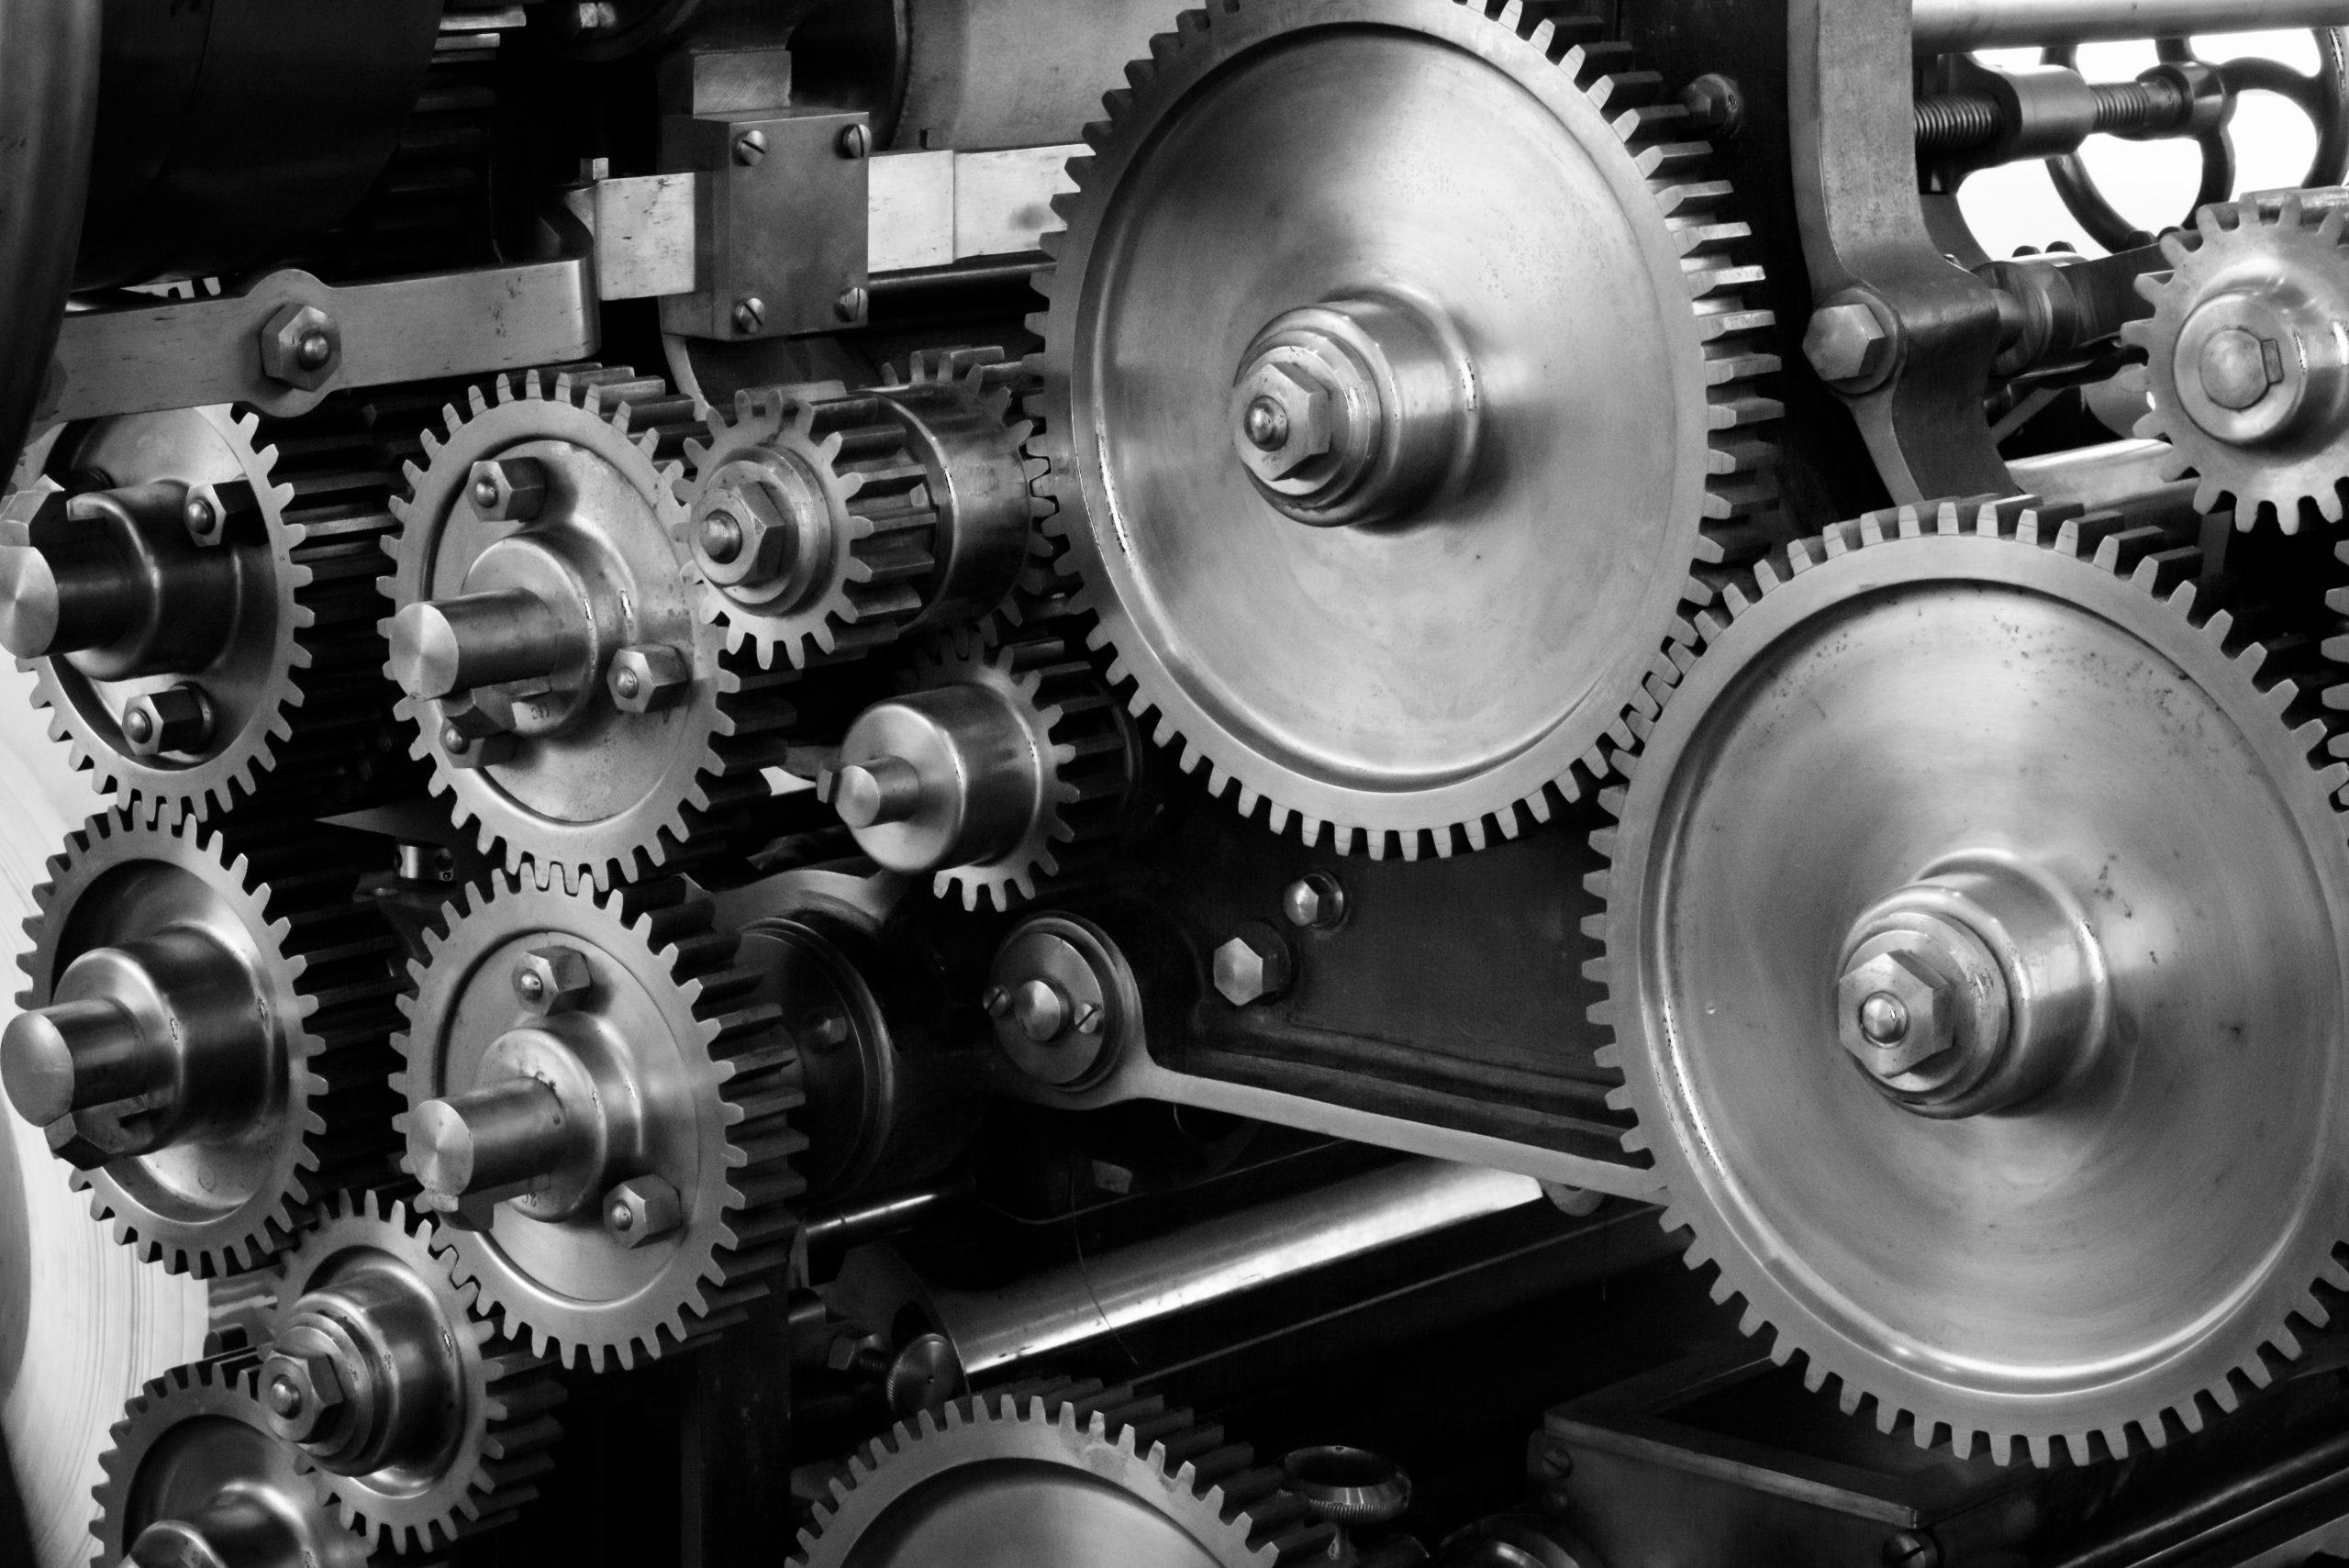 サービスアカウント、機械のイメージ